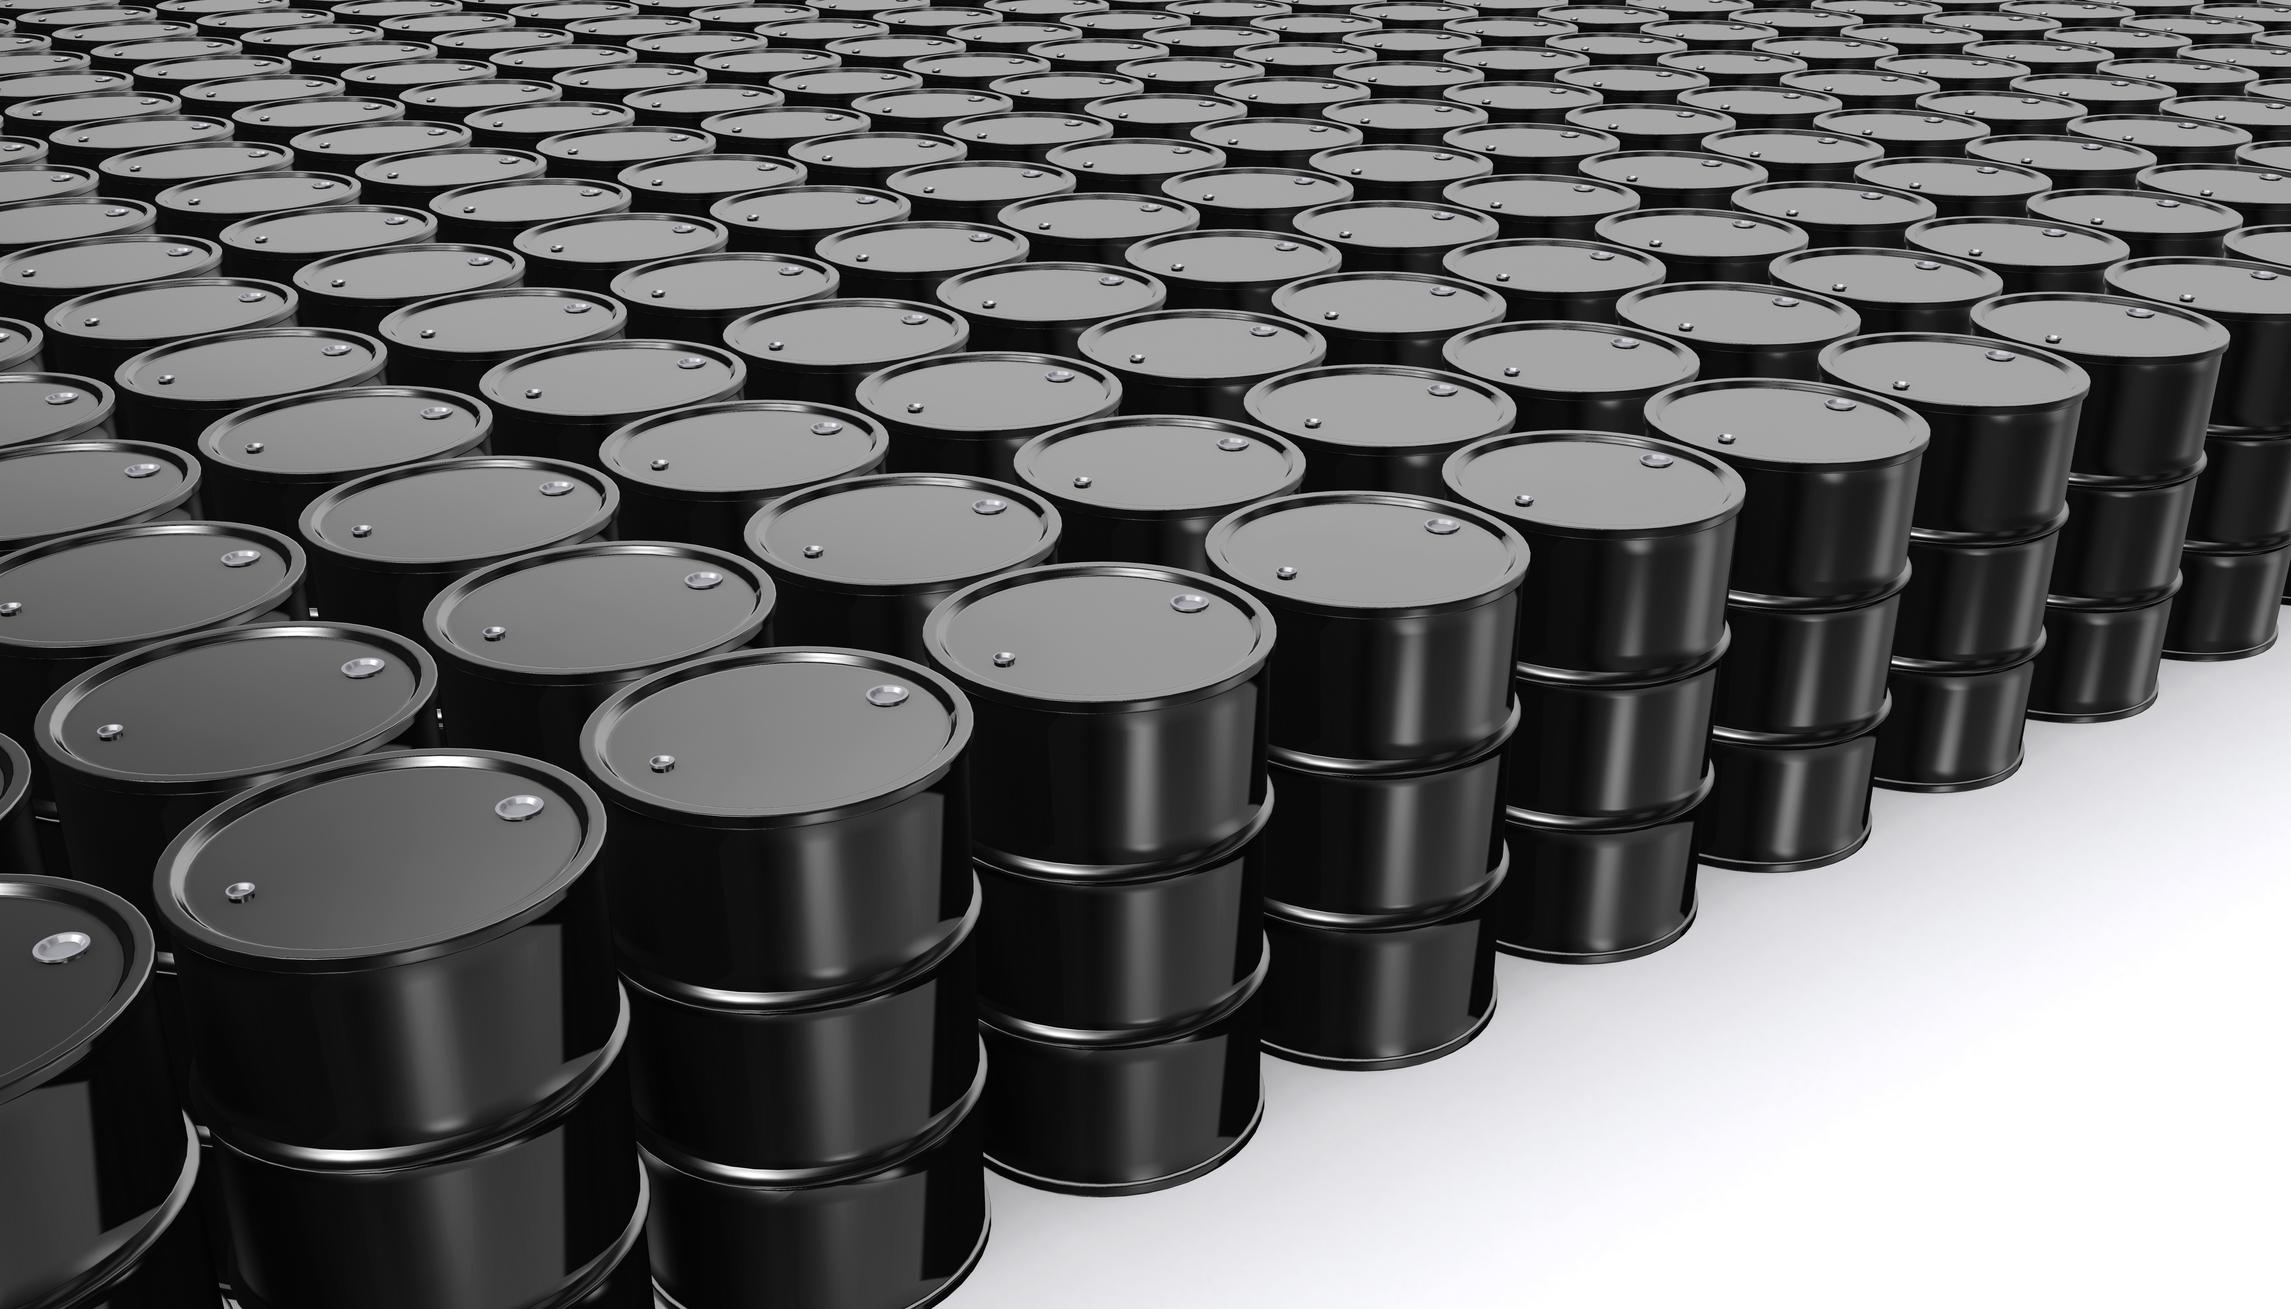 Oil barrels arranged in a grid pattern.